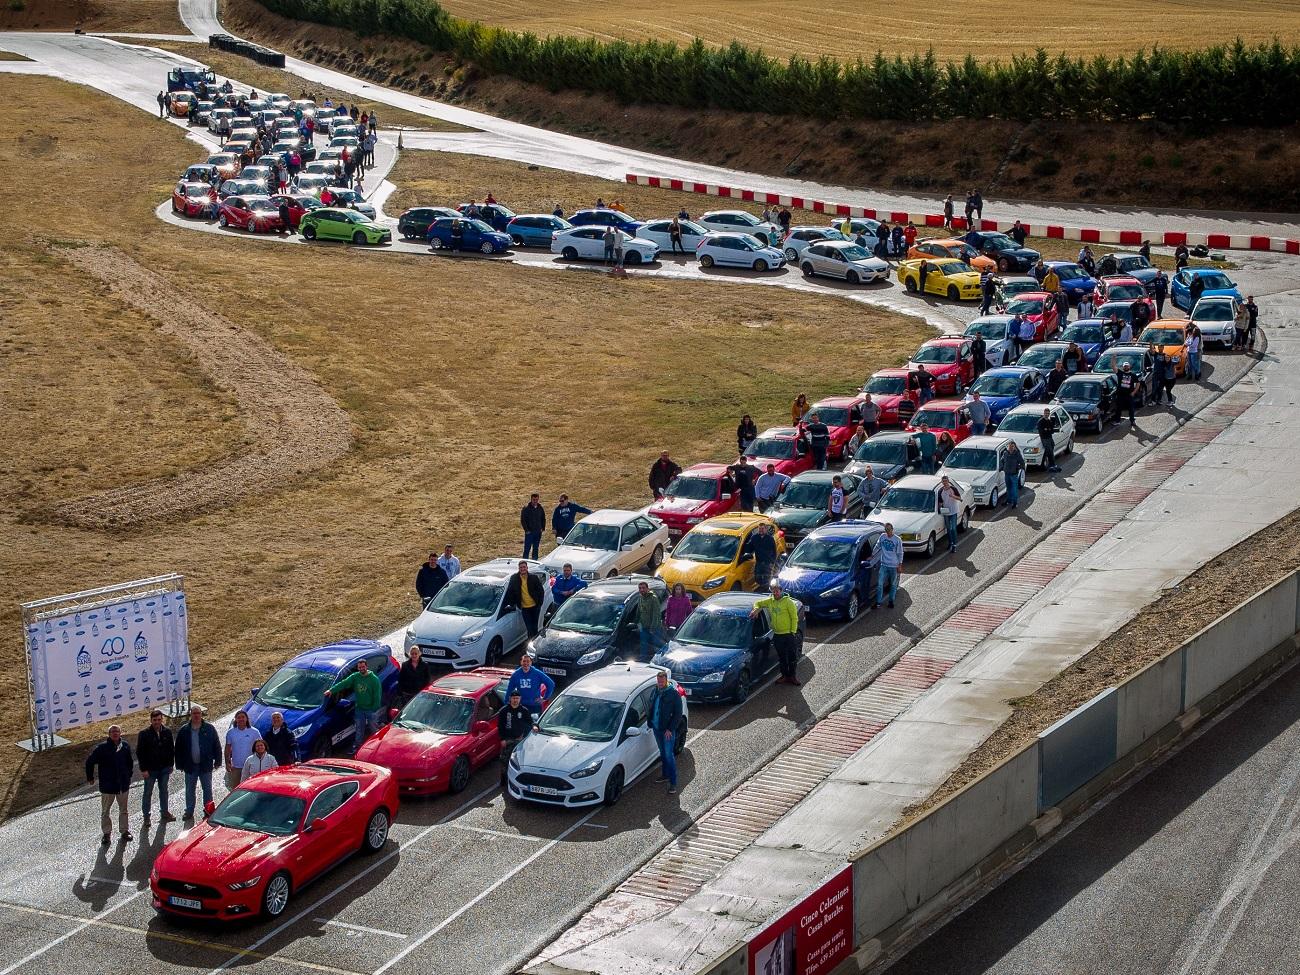 Circuito Kotarr : Circuito kotarr ford fans only reúne a clubes ford de toda españa